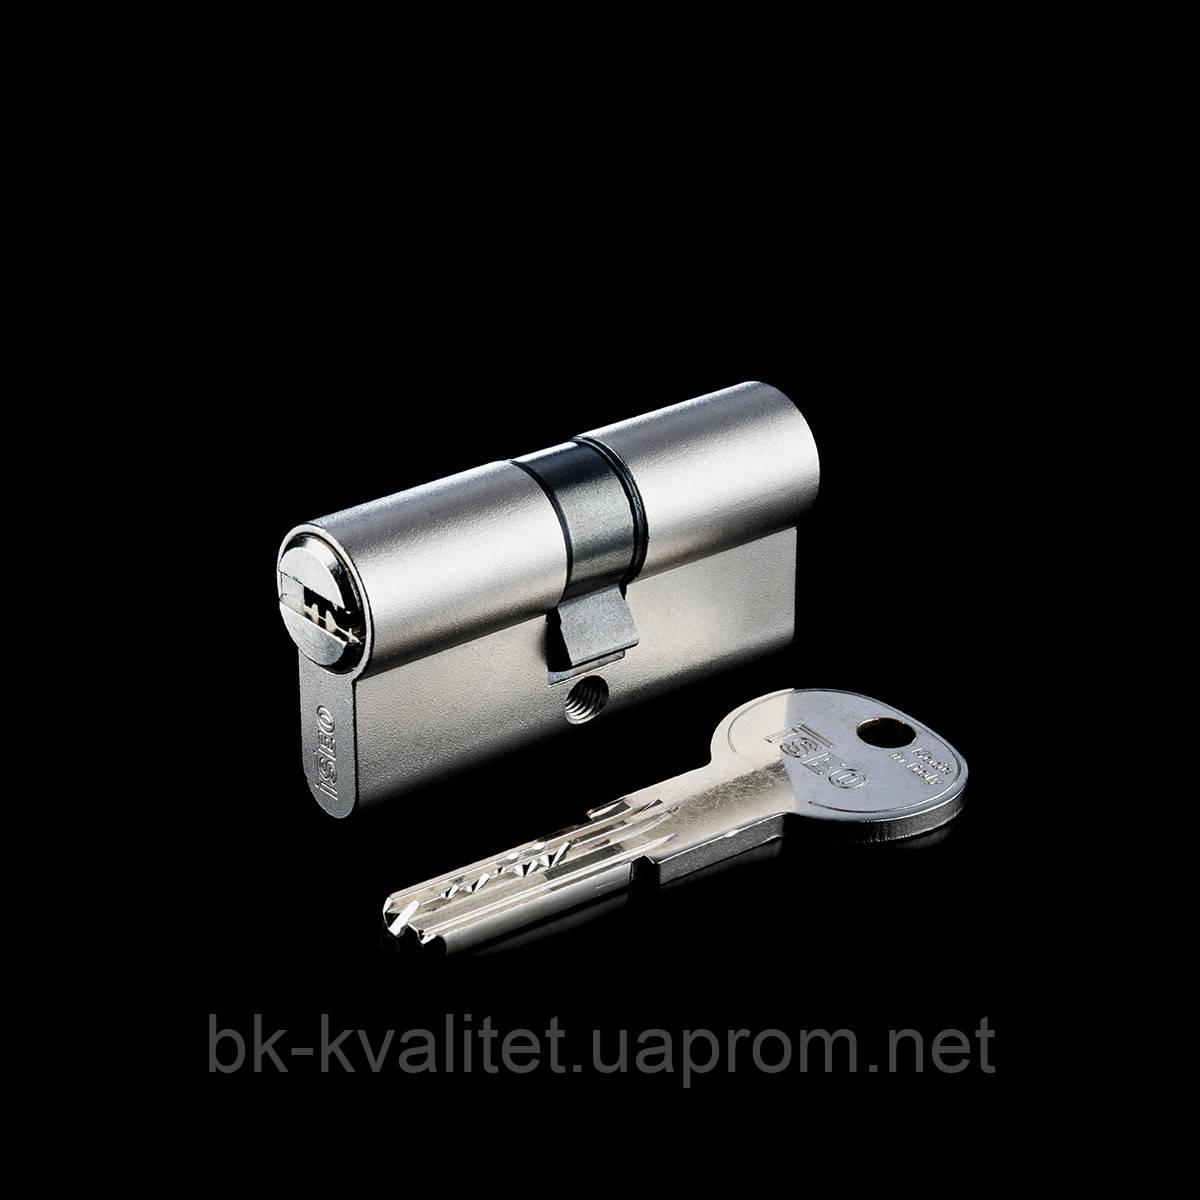 Цилиндр ISEO R6 60 (30х30) ключ/ключ, никель